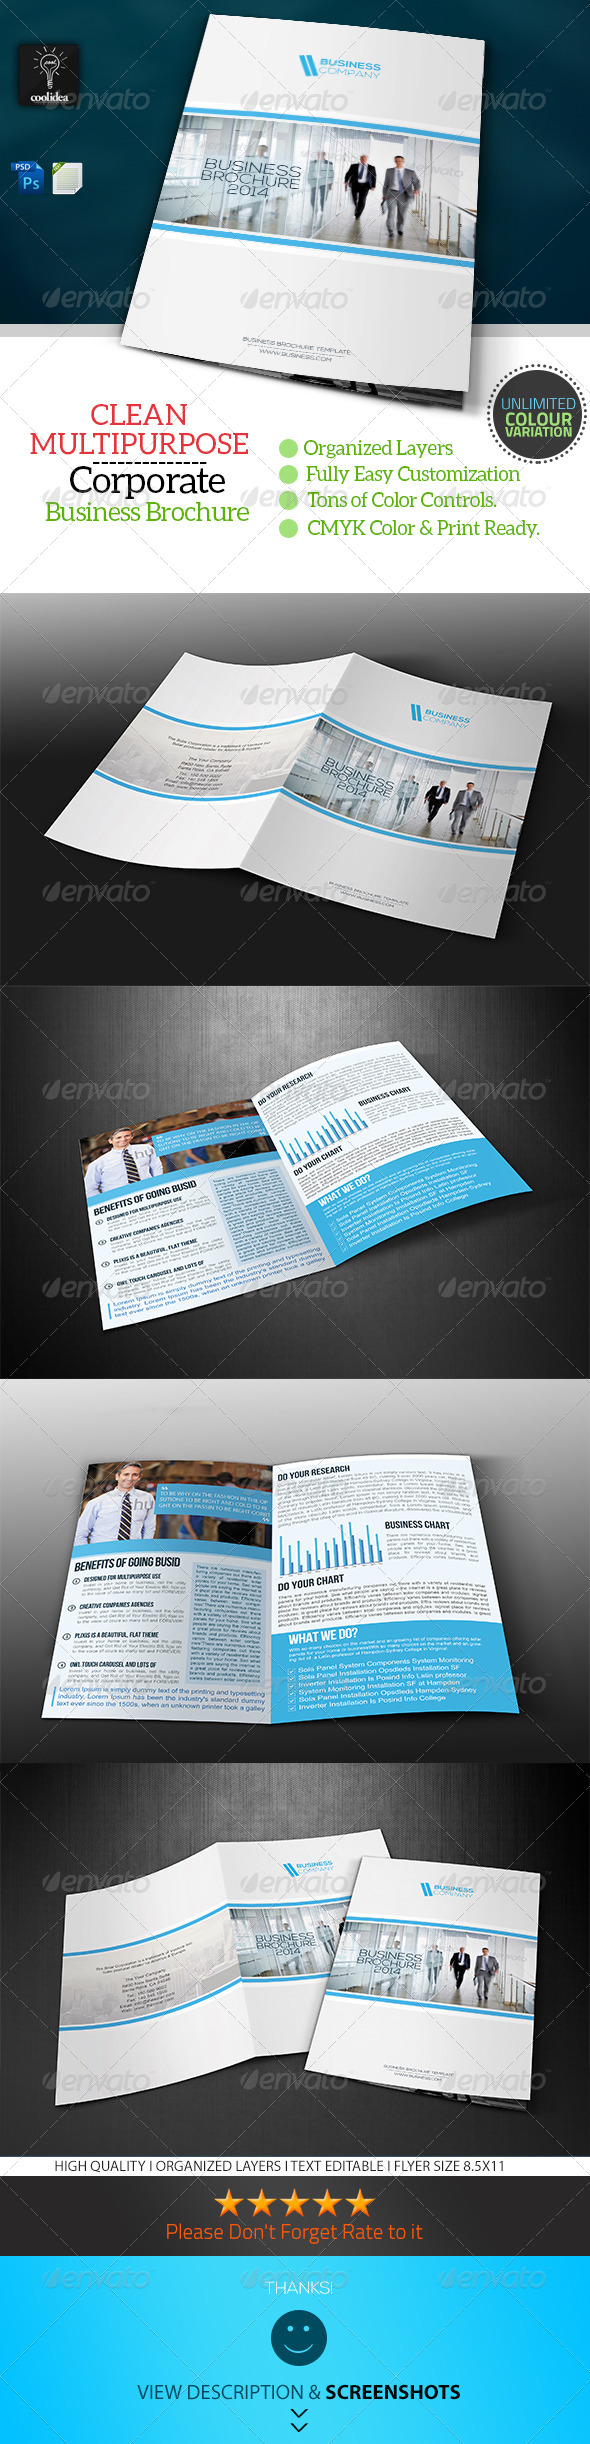 Business Brochure Bifold Template Vol02 - Corporate Brochures